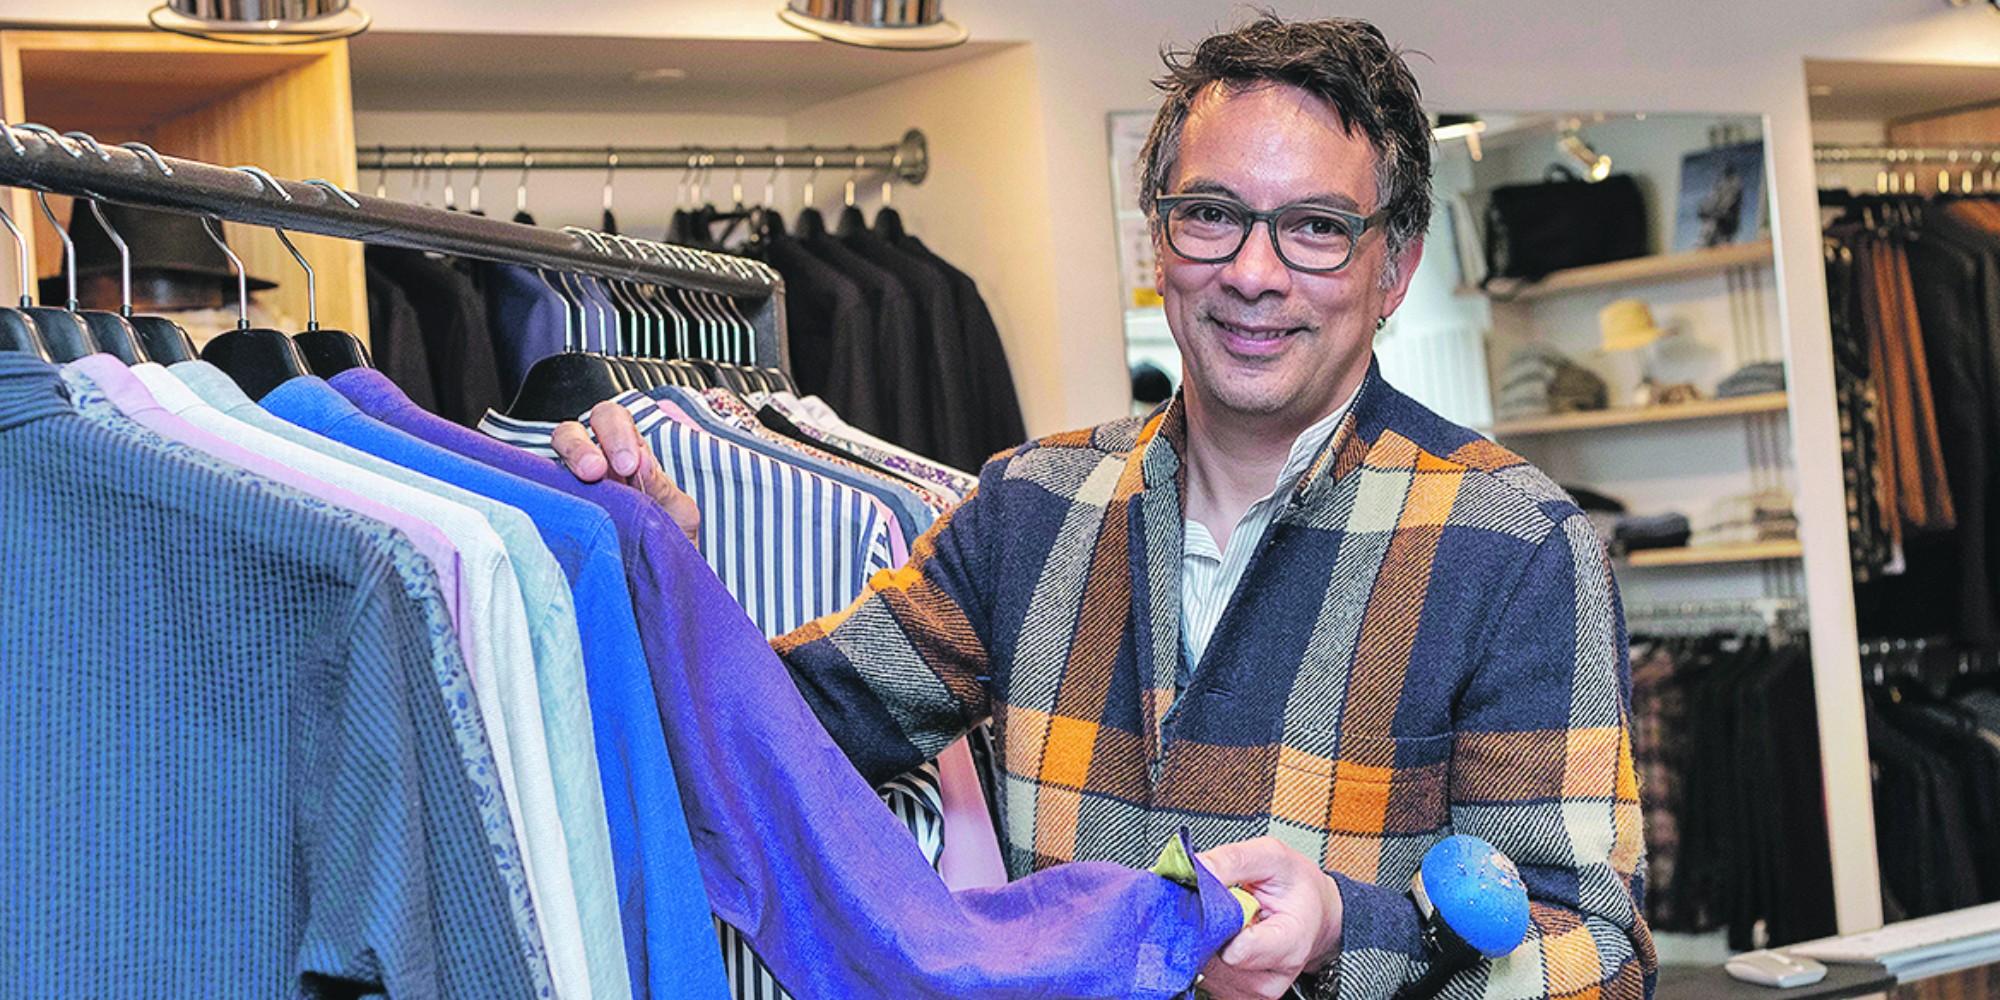 La marque de vêtements pour hommes Hollington transgresse gentiment